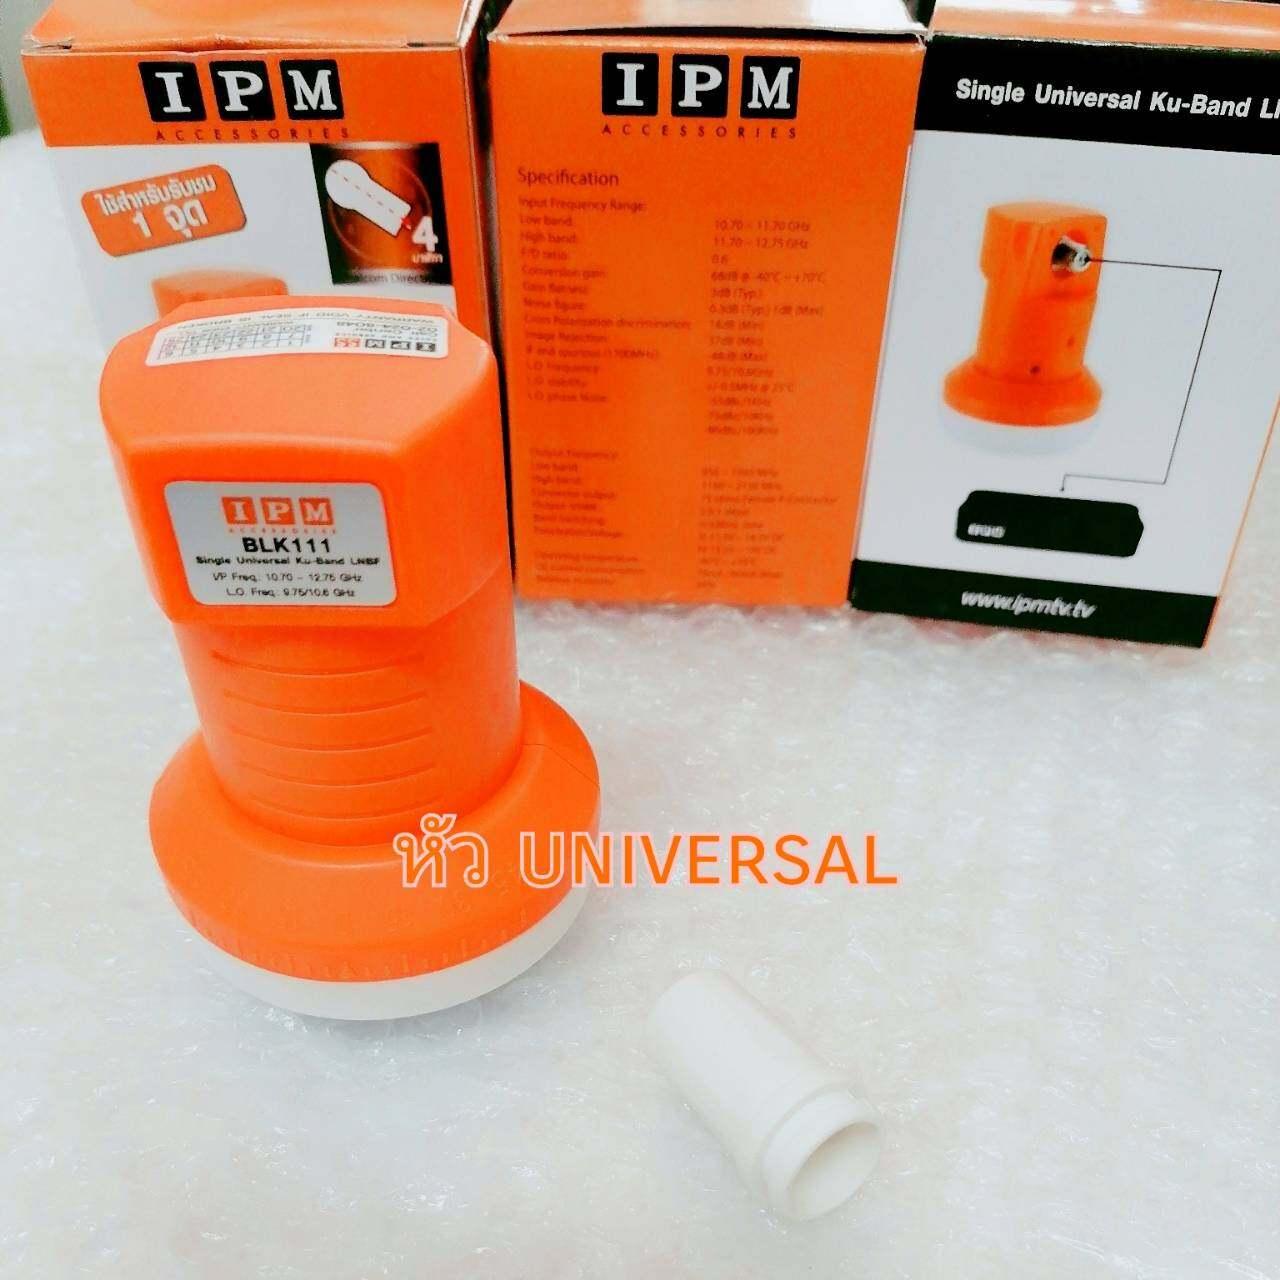 หัวipm หัว Lnb Ipm 1ขั้ว หัวuniversal สำหรับ 1 จุดในระบบ Ku-Band ใช้ได้กับจานทึบ ทุกสี.